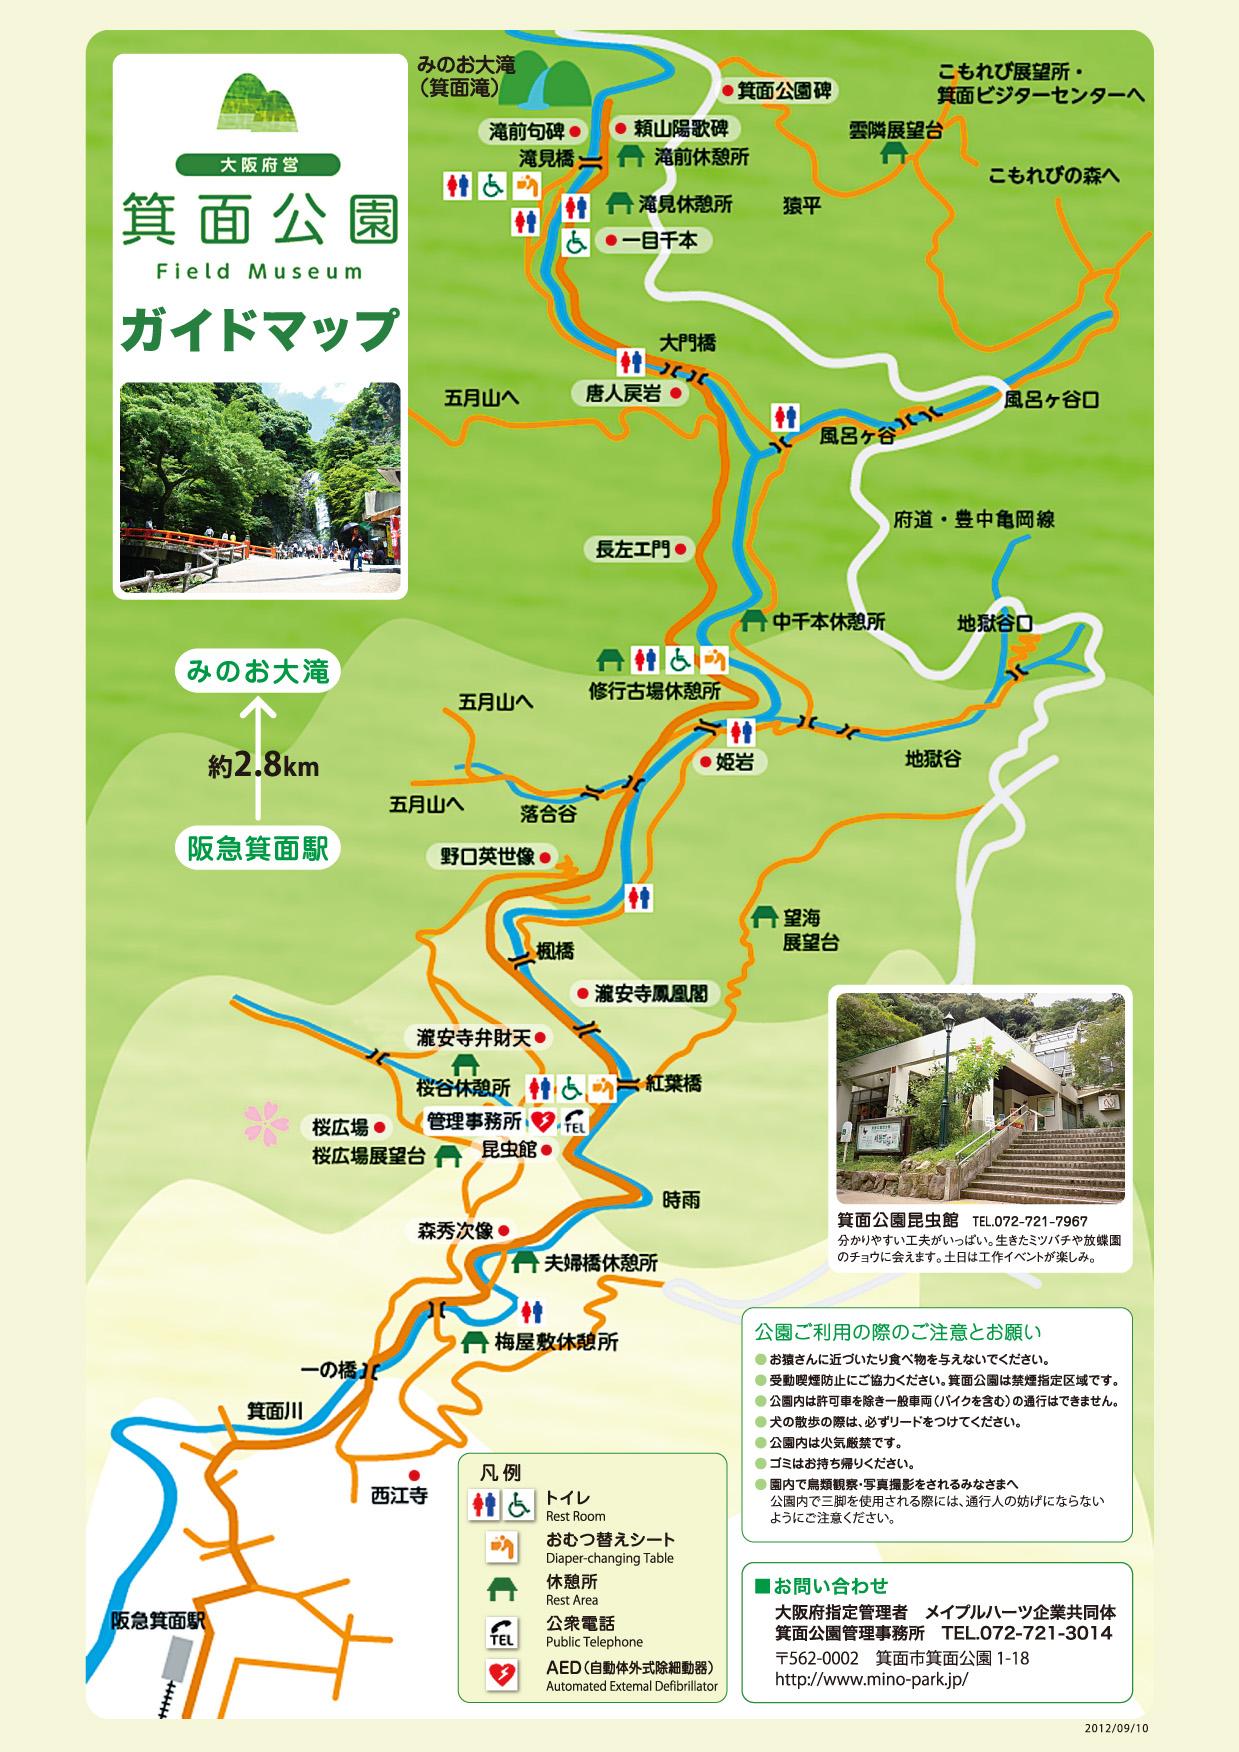 箕面公園散策マップ